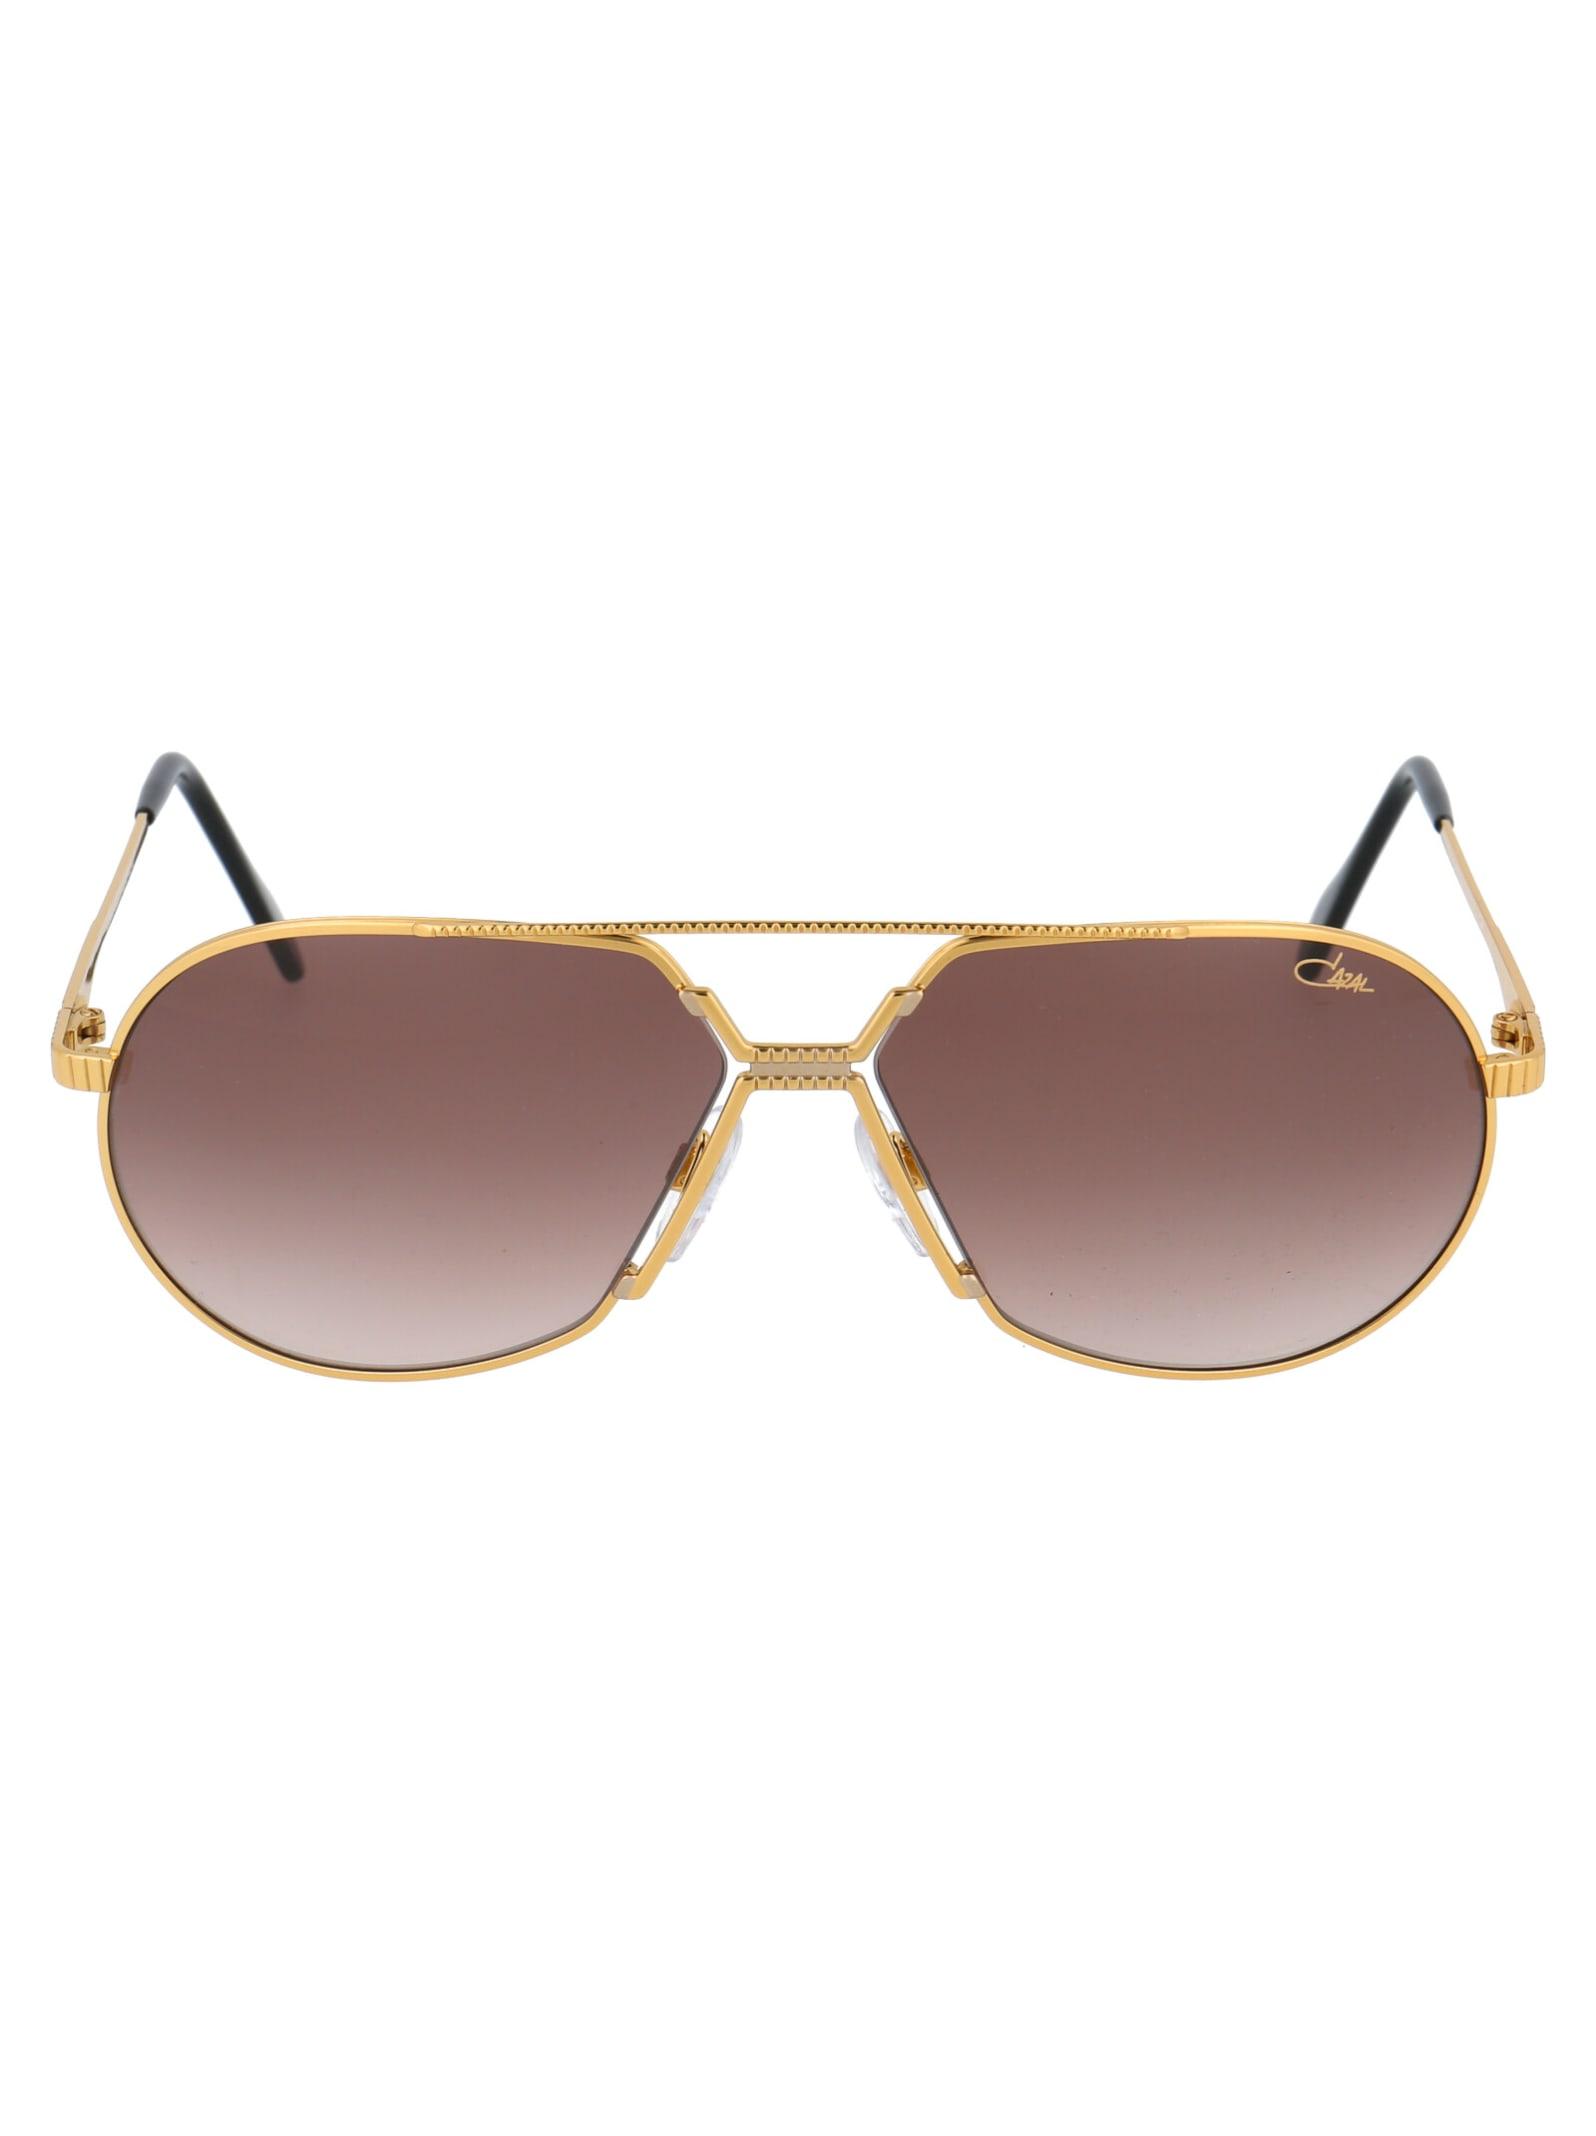 Mod. 968 Sunglasses